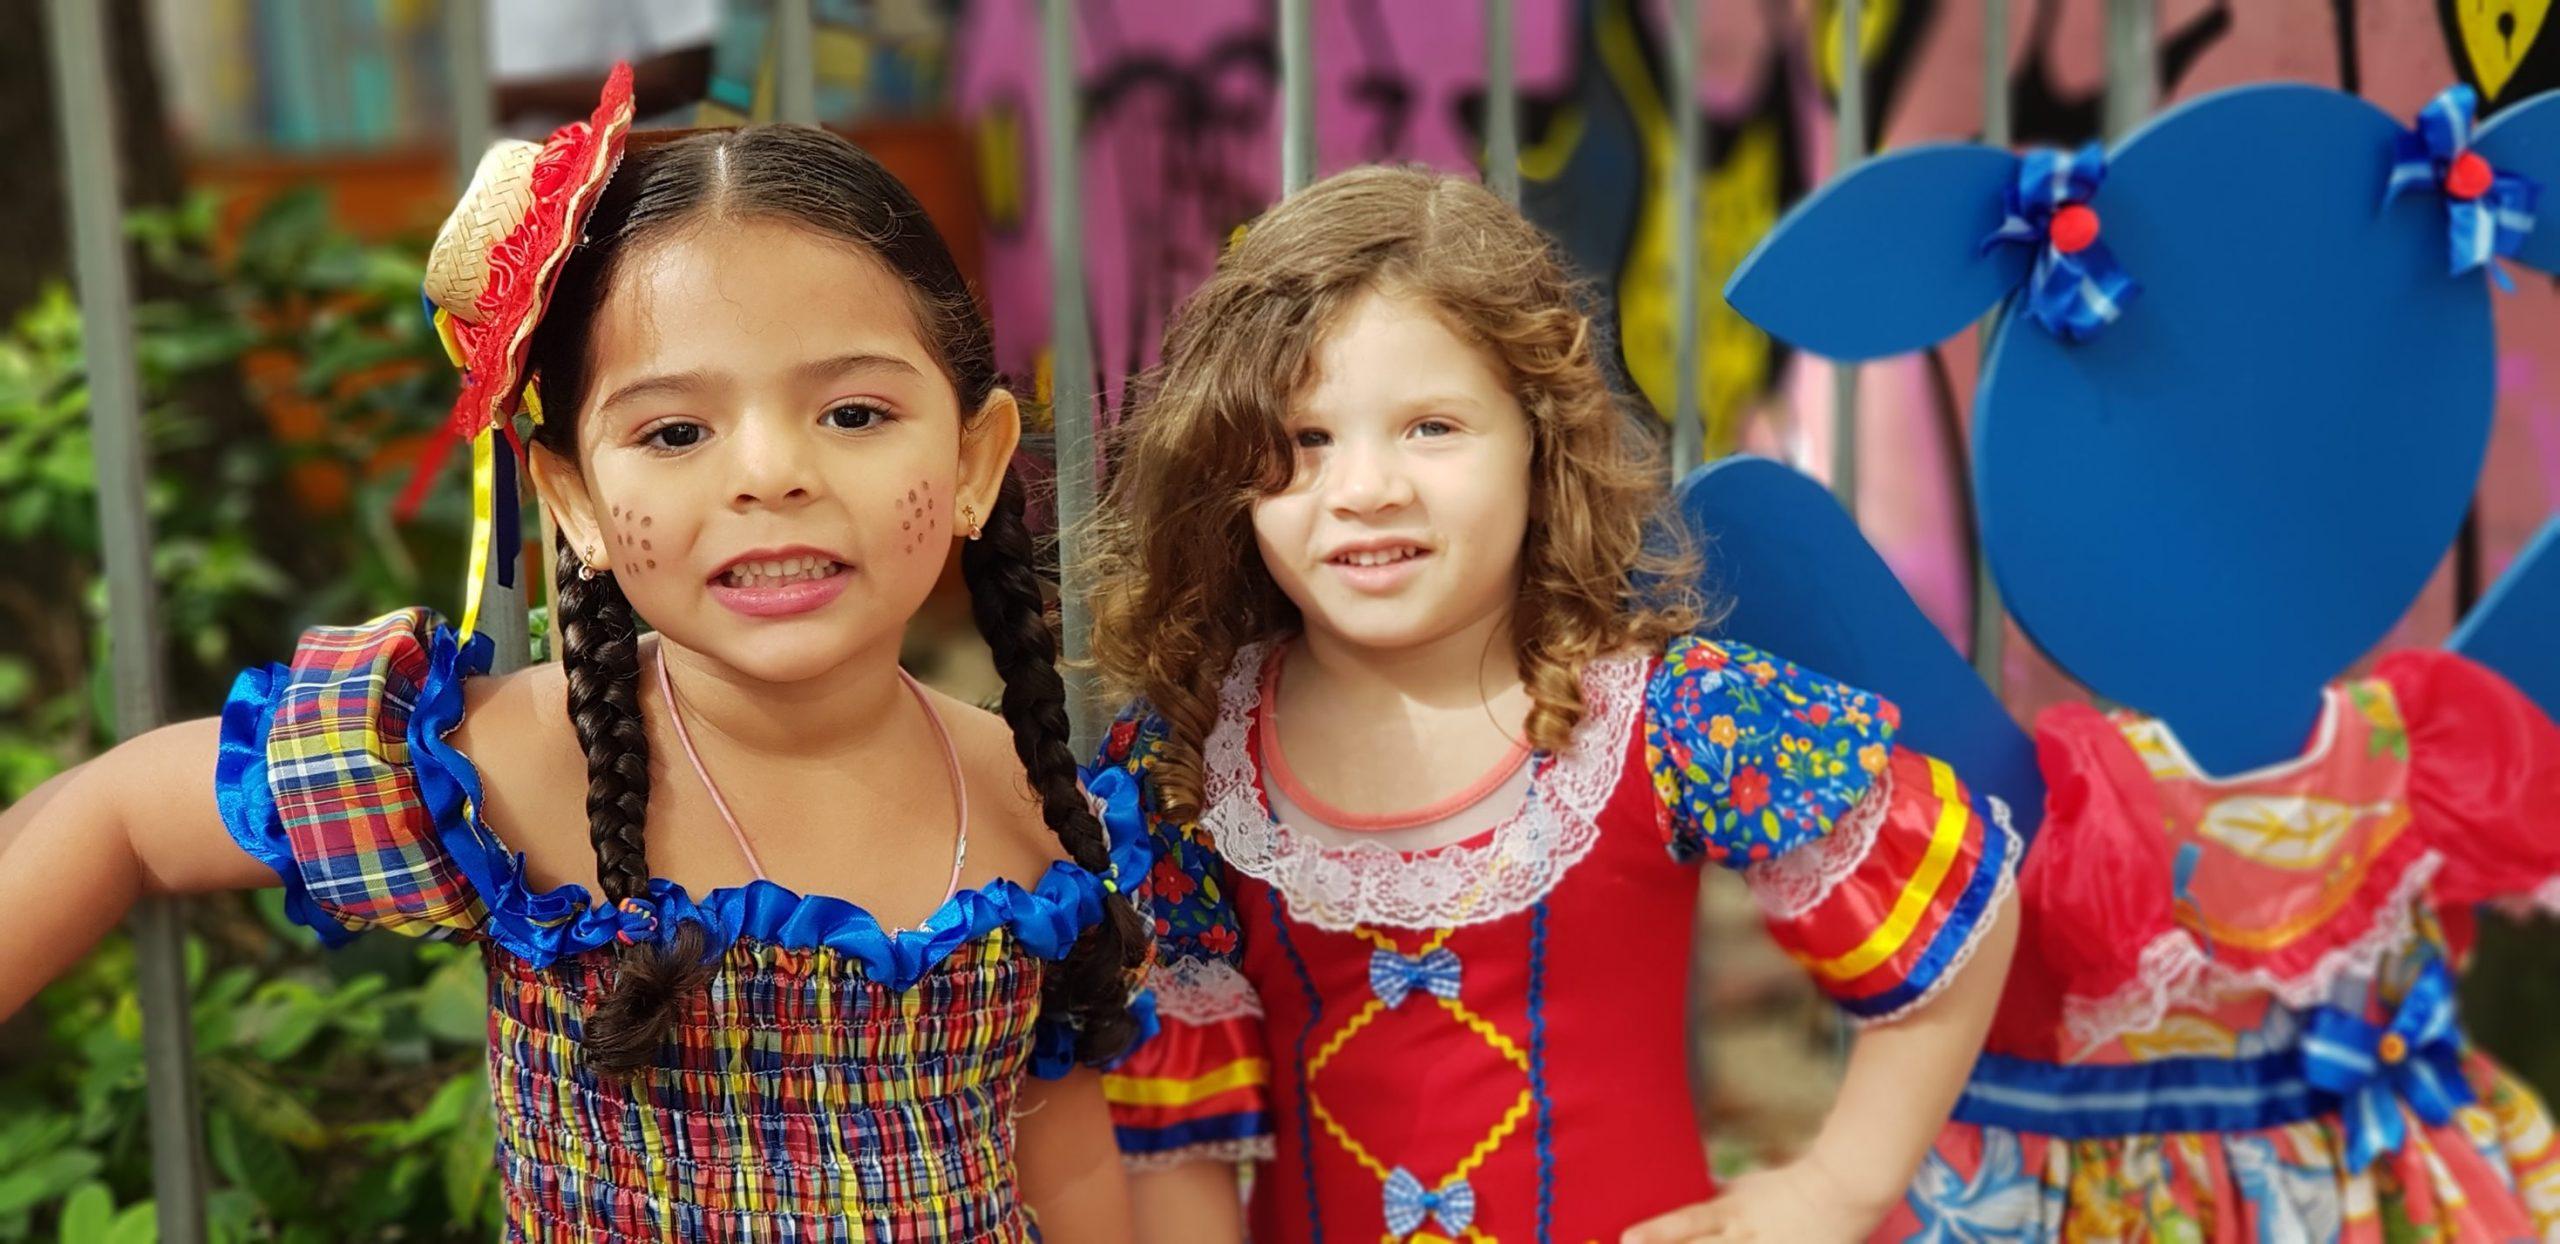 crianças vestidas com roupa de festa junina